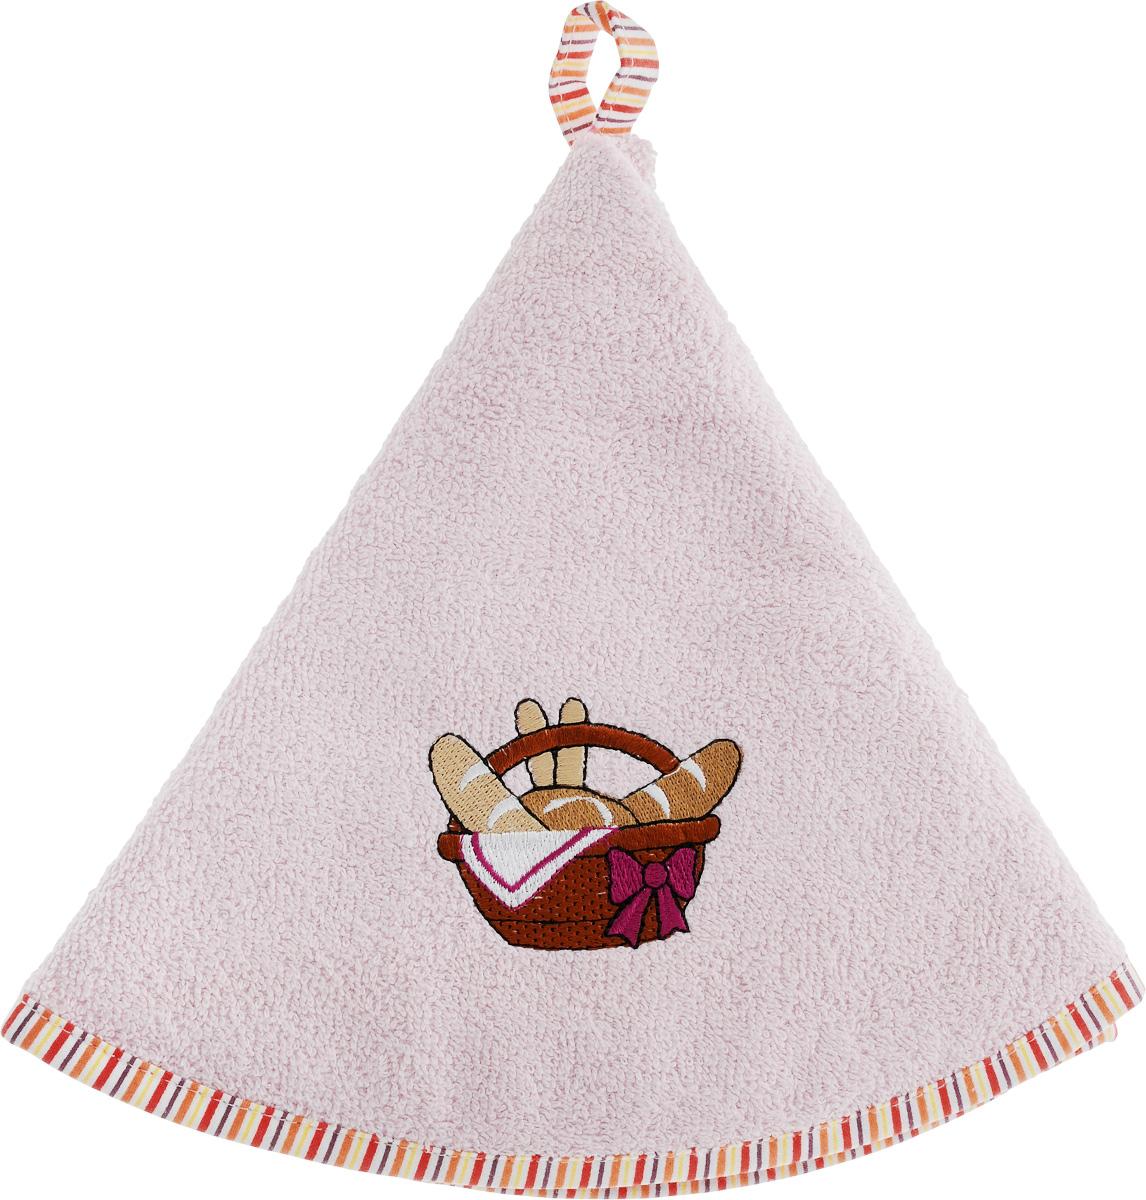 Салфетка кухонная Karna Zelina, цвет: светло-розовый, диаметр 50 см. 504/CHAR001FA-5125 WhiteКруглая кухонная салфетка Karna Zelina выполнена из приятной на ощупь махровой ткани (100% хлопок). Изделие отлично впитывает влагу, быстро сохнет, сохраняет яркость цвета и не теряет форму даже после многократных стирок. Салфетка дополнена каймой контрастного цвета и красивой вышивкой. С помощью специальной петельки ее удобно вешать на крючок. Салфетка очень практична и неприхотлива в уходе. Она создаст прекрасное настроение и дополнит интерьер.